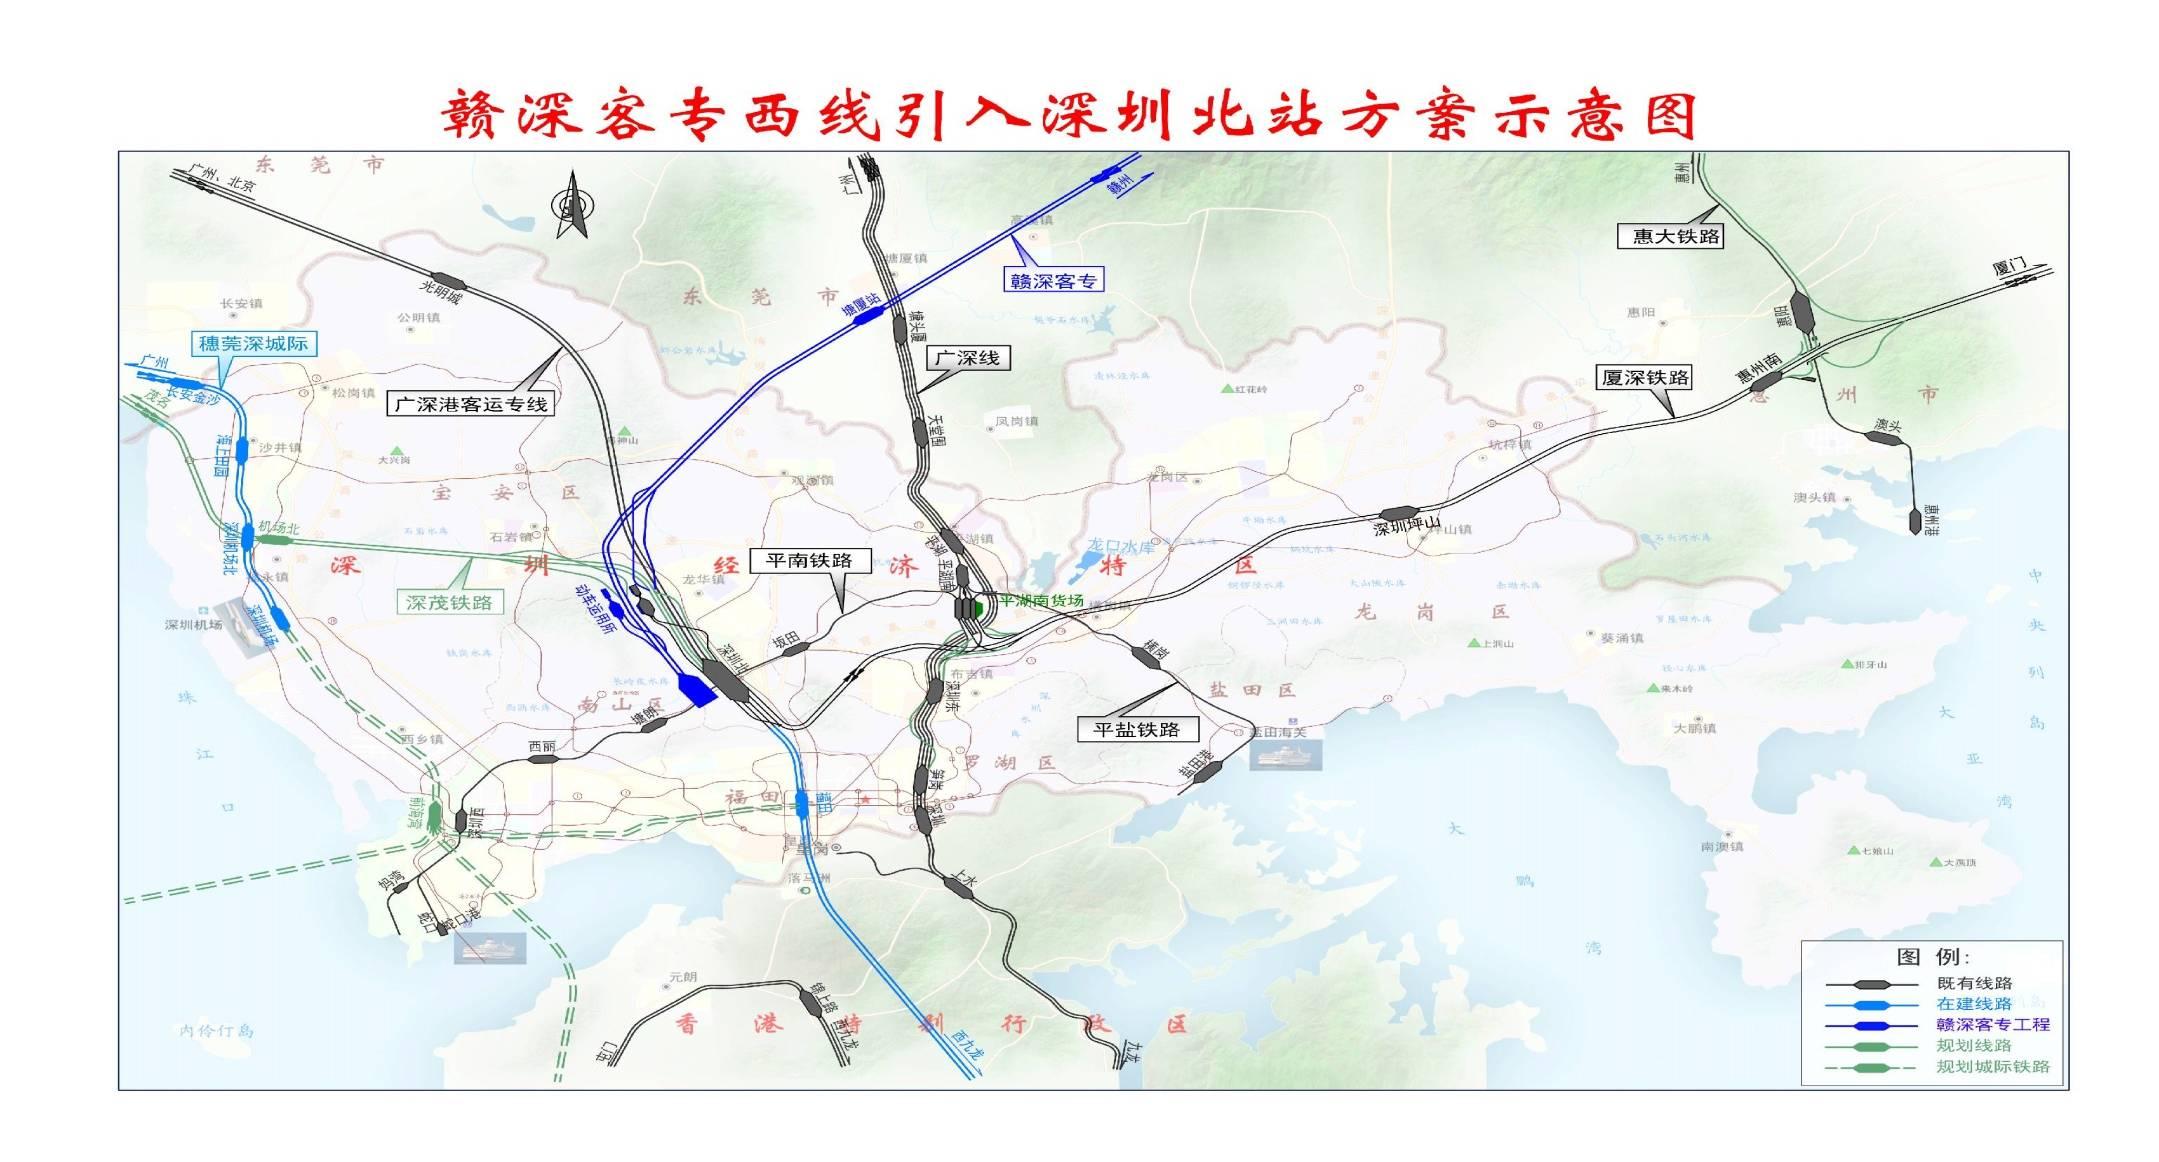 东莞塘厦镇交通地图-东莞凤岗工厂地图-东莞地图全图